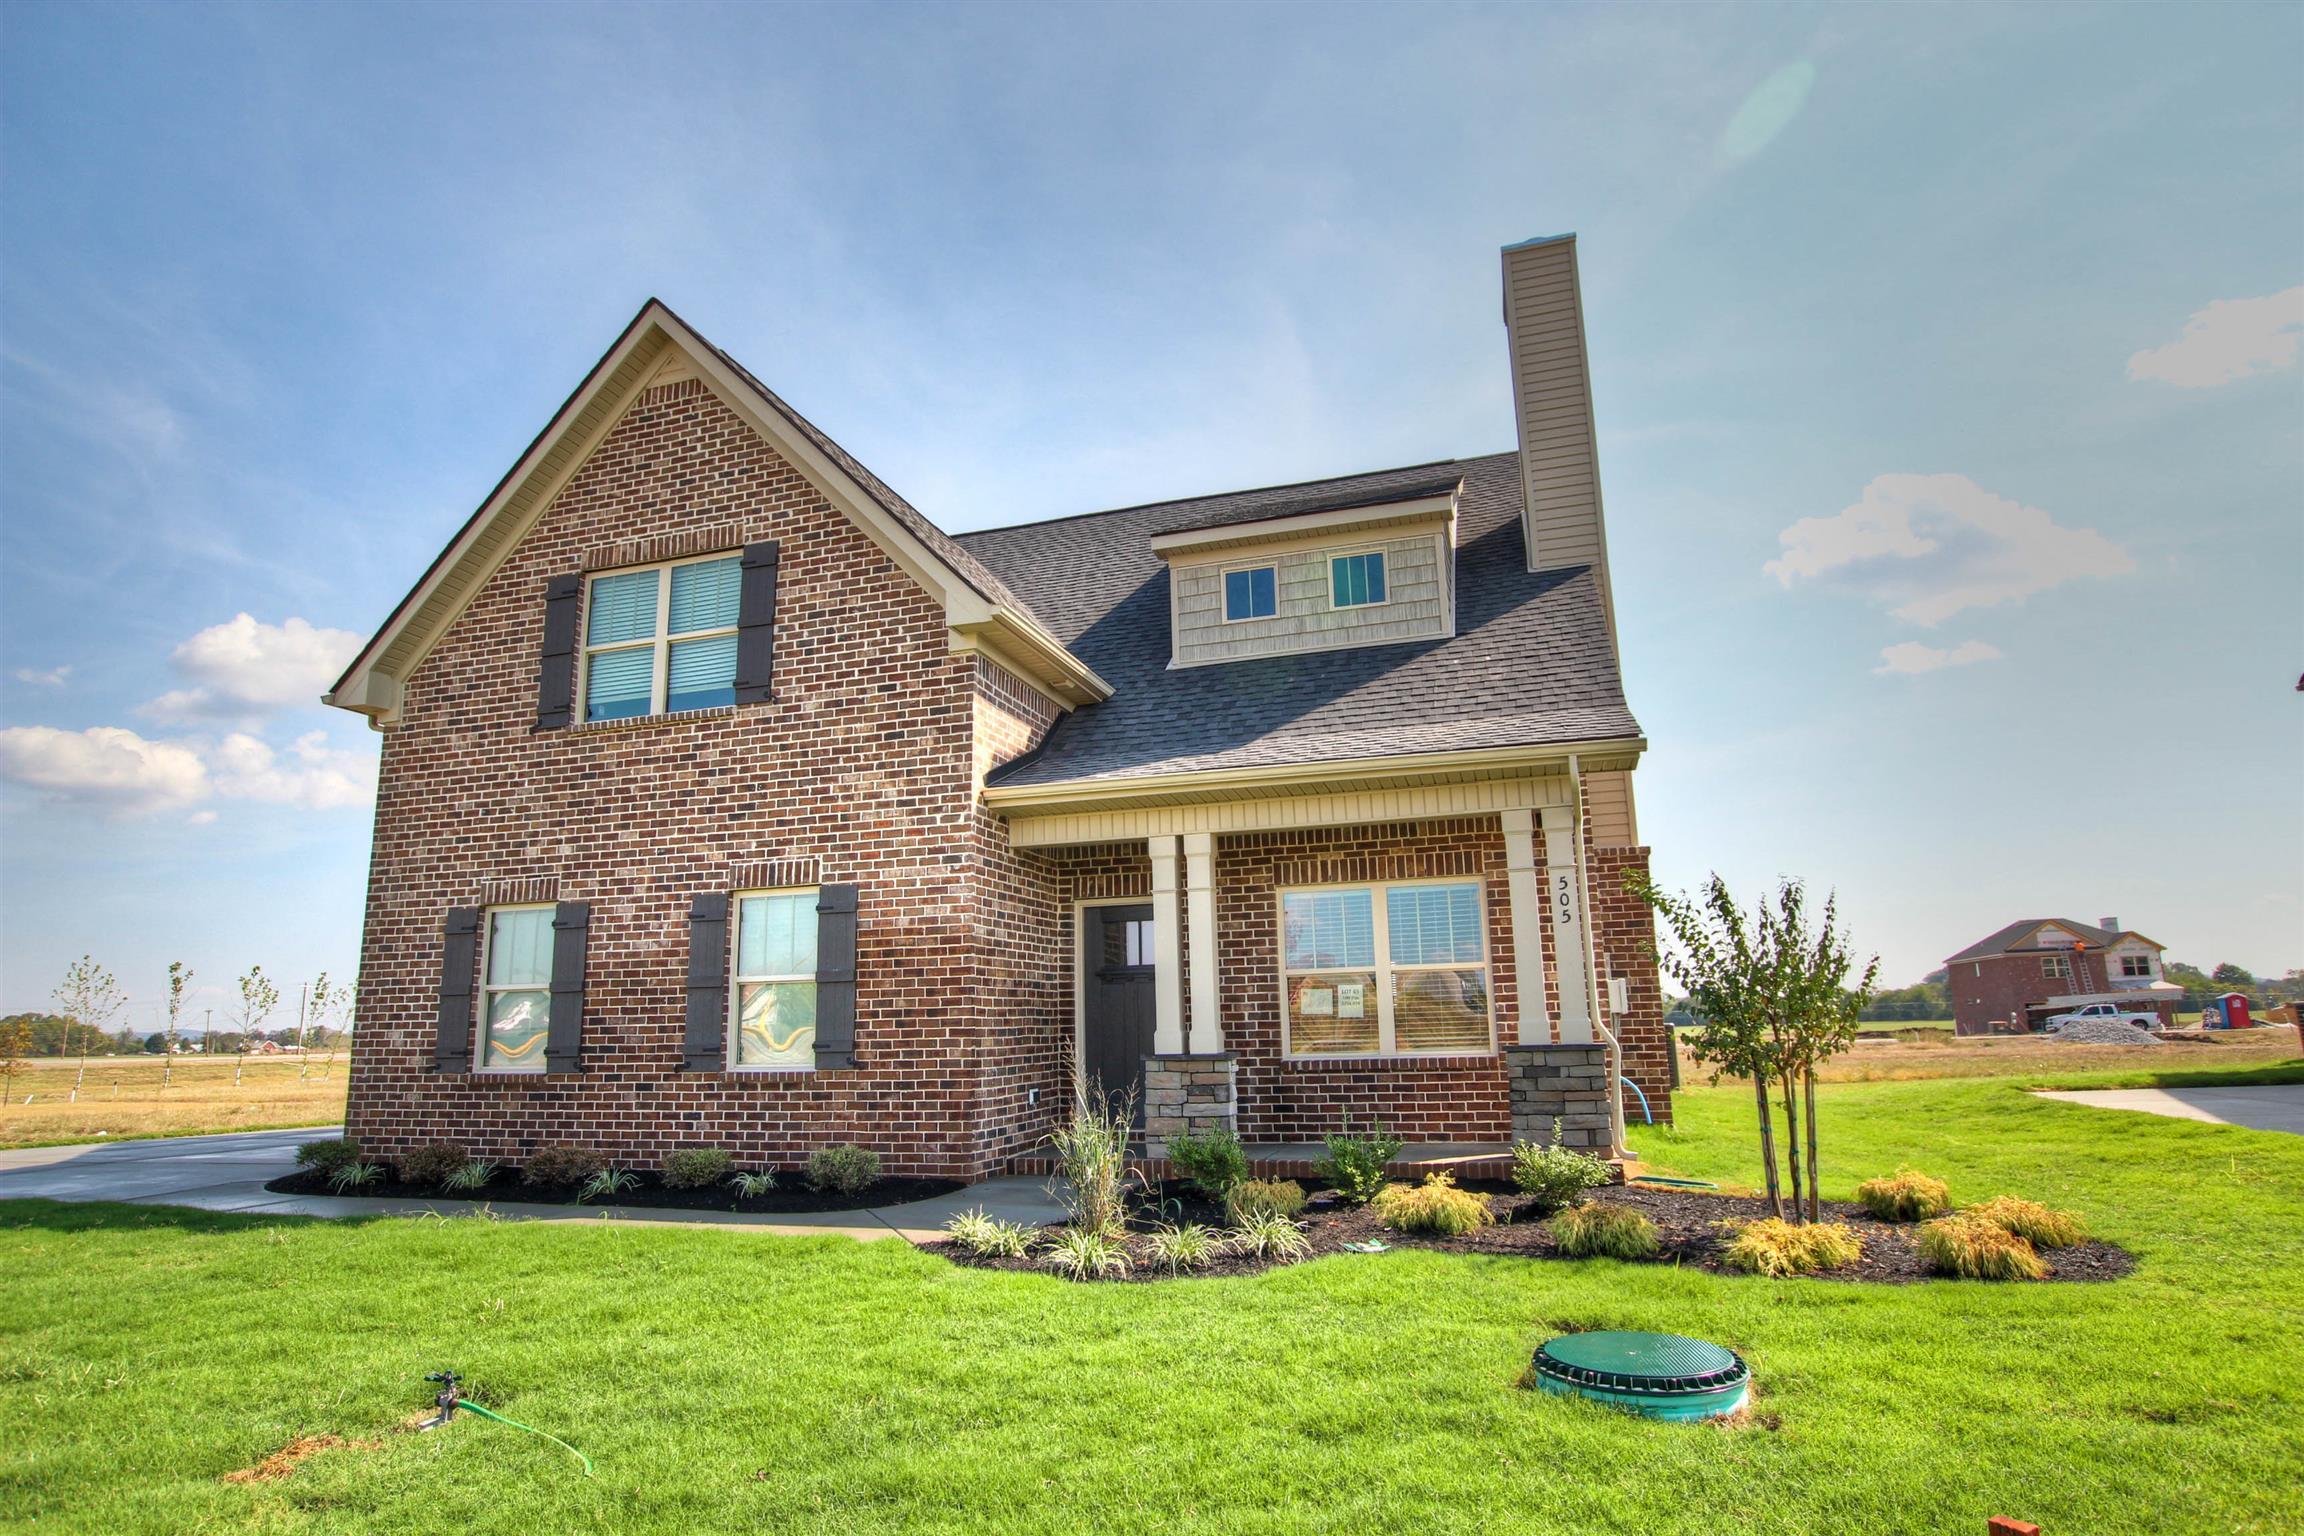 505 Eagle View Dr.- #49, Eagleville, TN 37060 - Eagleville, TN real estate listing